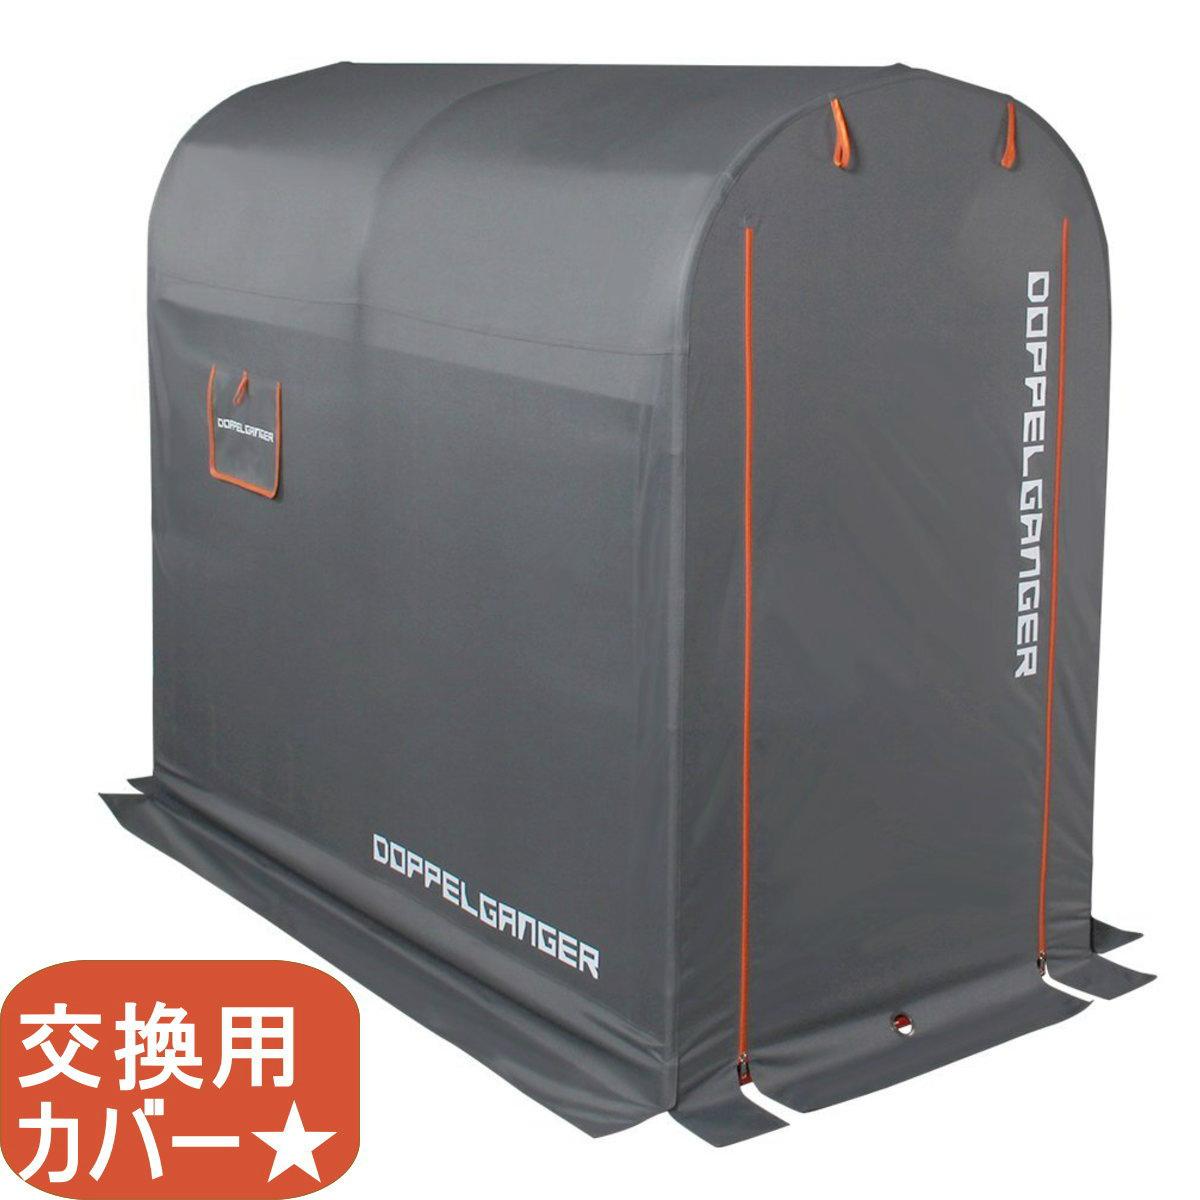 DOPPELGANGER ストレージバイクガレージ | 交換用カバー | DCC496M-GY | 対応サイズ DCC330M-GY | ドッペルギャンガー